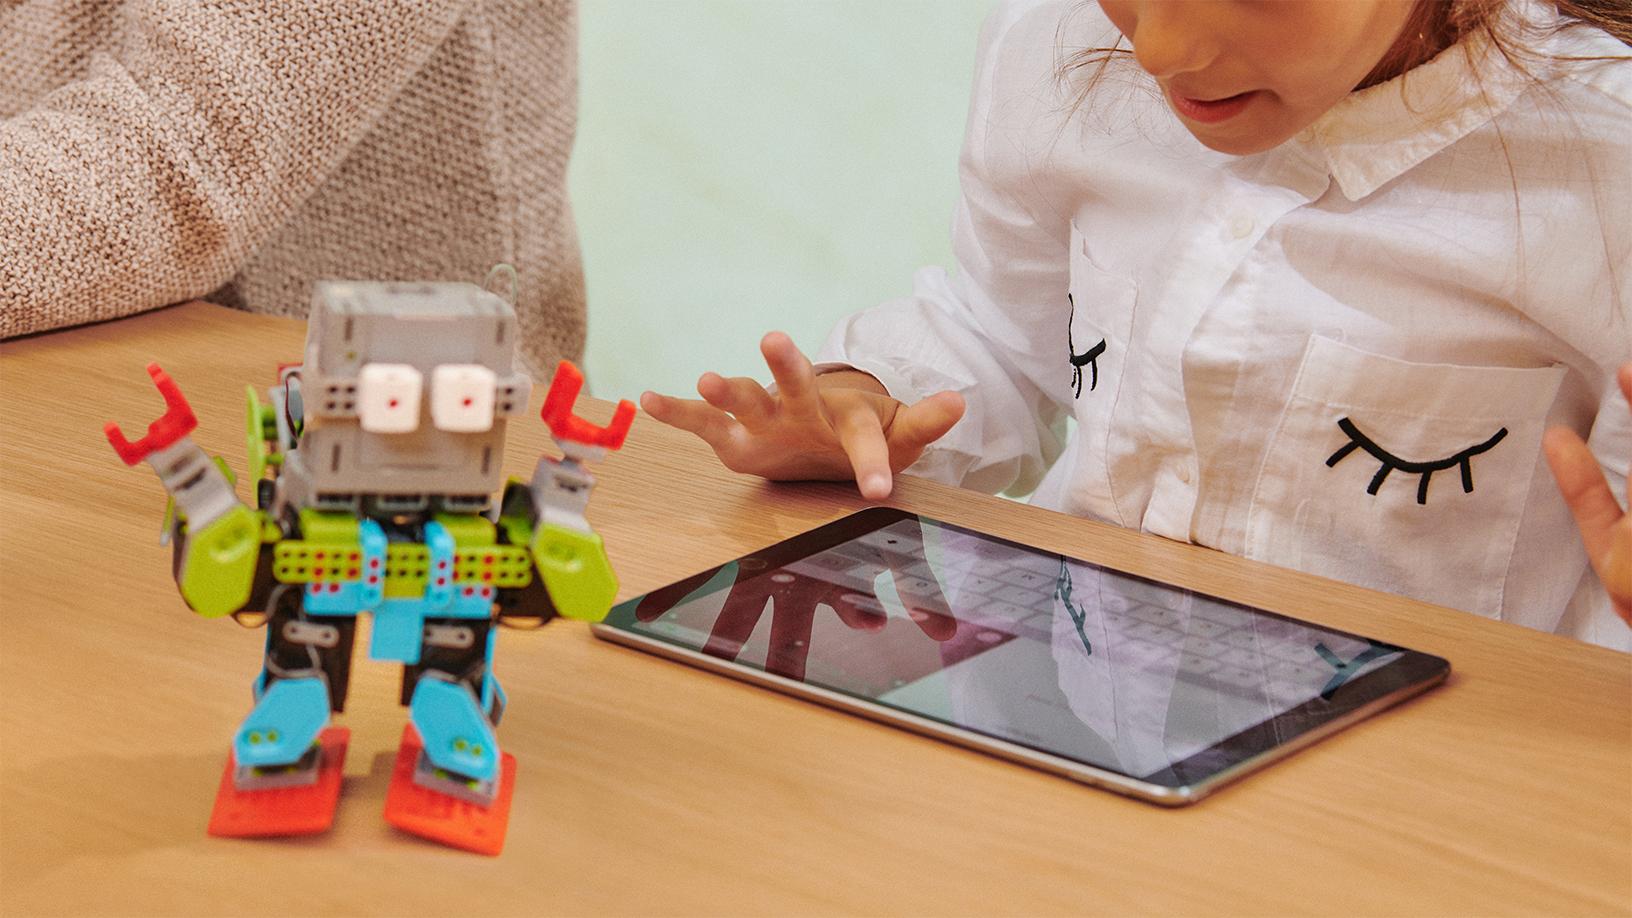 Parceria da Apple com a Girls Who Code para mulheres desenvolvedoras